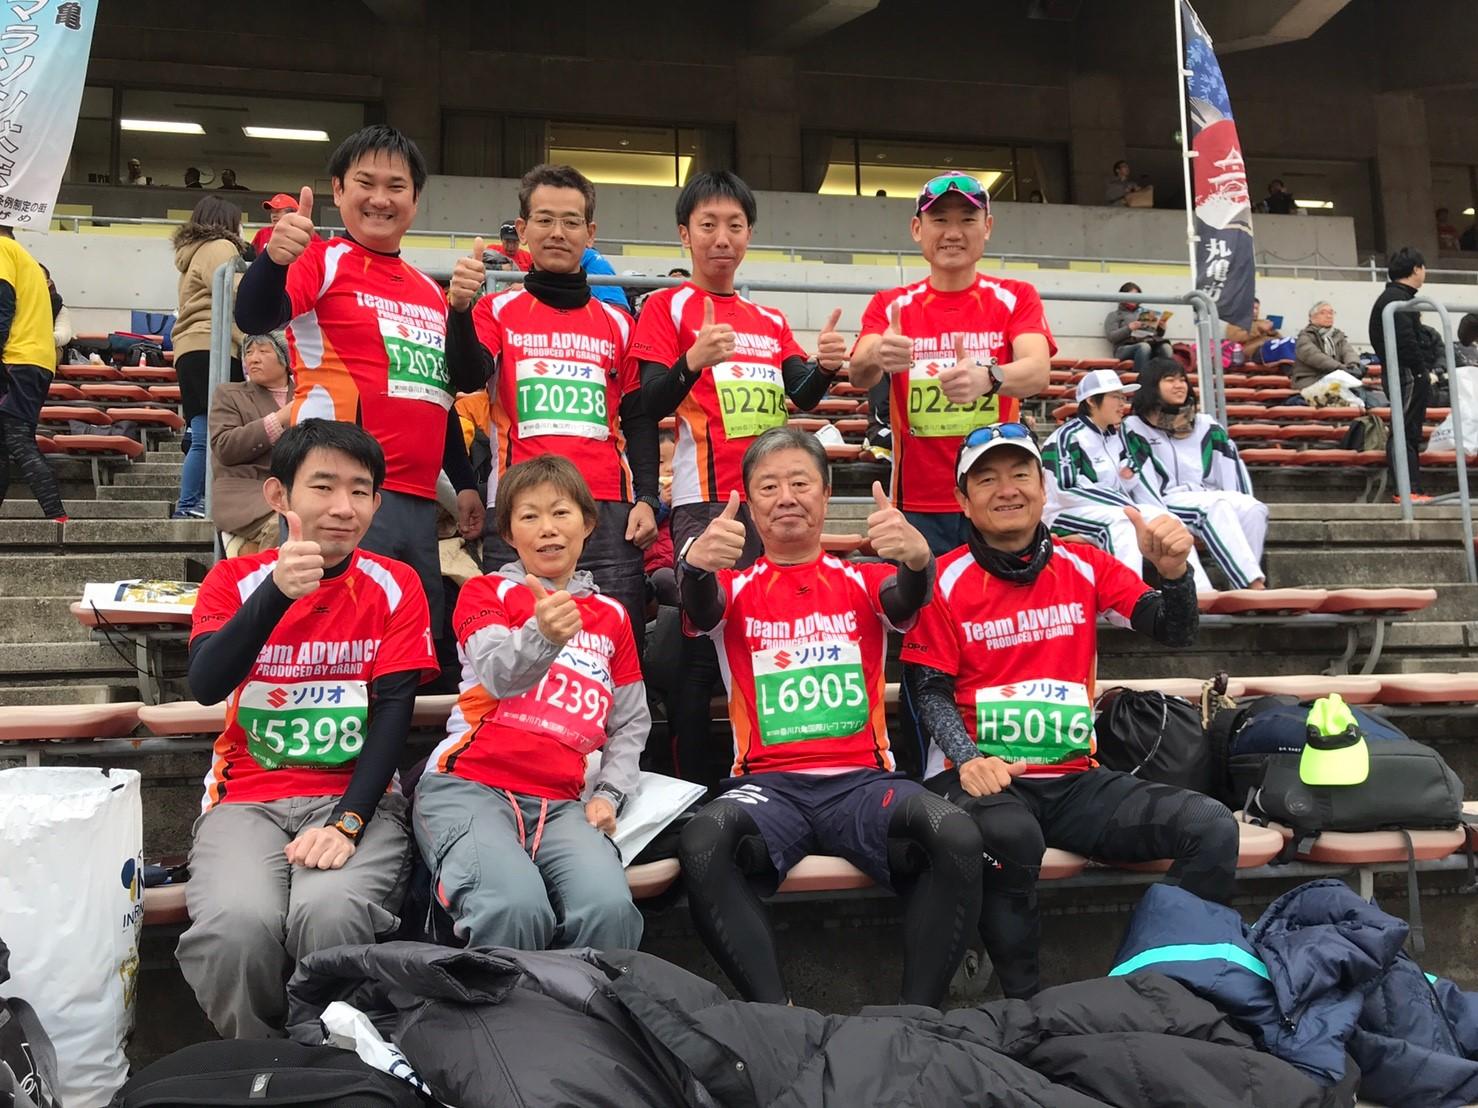 丸亀国際ハーフマラソン2019.2.3_190205_0035